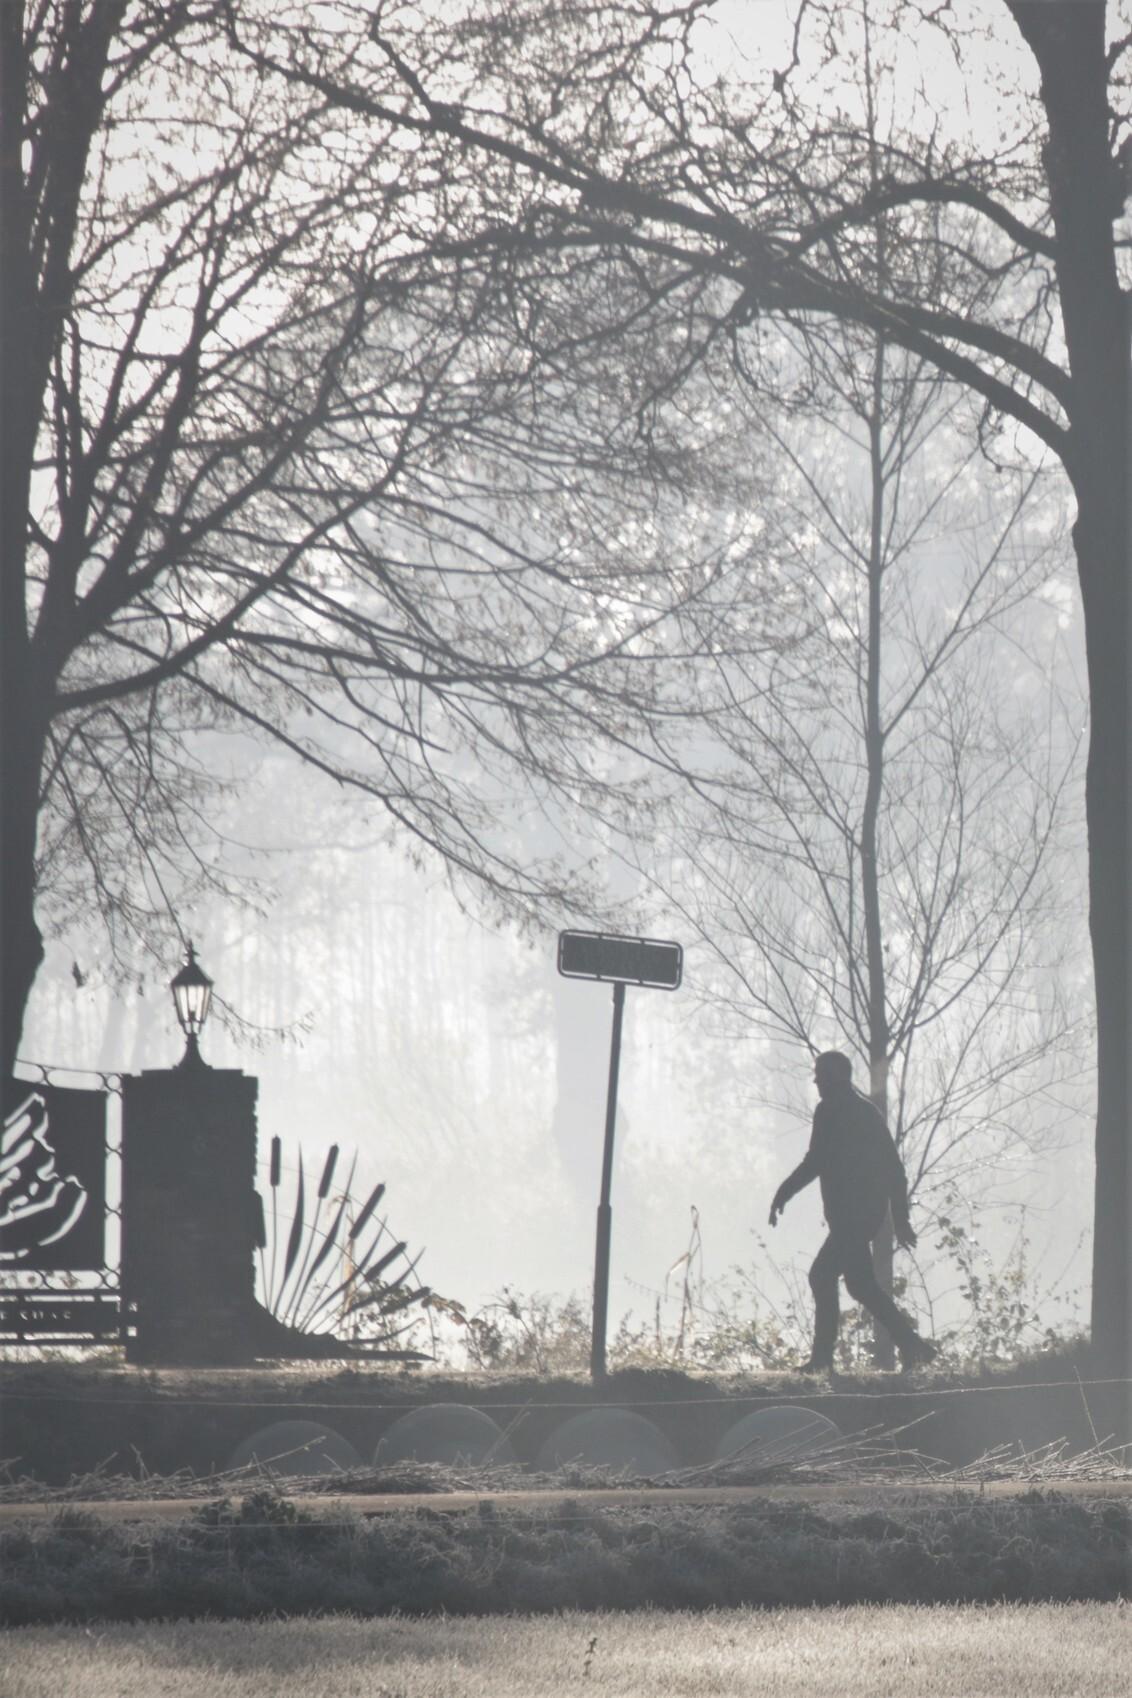 wandelaar in de mist - wandelaar in de mist op een vroege morgen in november 30-11-2019 - foto door mieke58 op 03-12-2019 - deze foto bevat: natuur, licht, herfst, landschap, mist, bos, tegenlicht, zonsopkomst, bomen, wandelaar